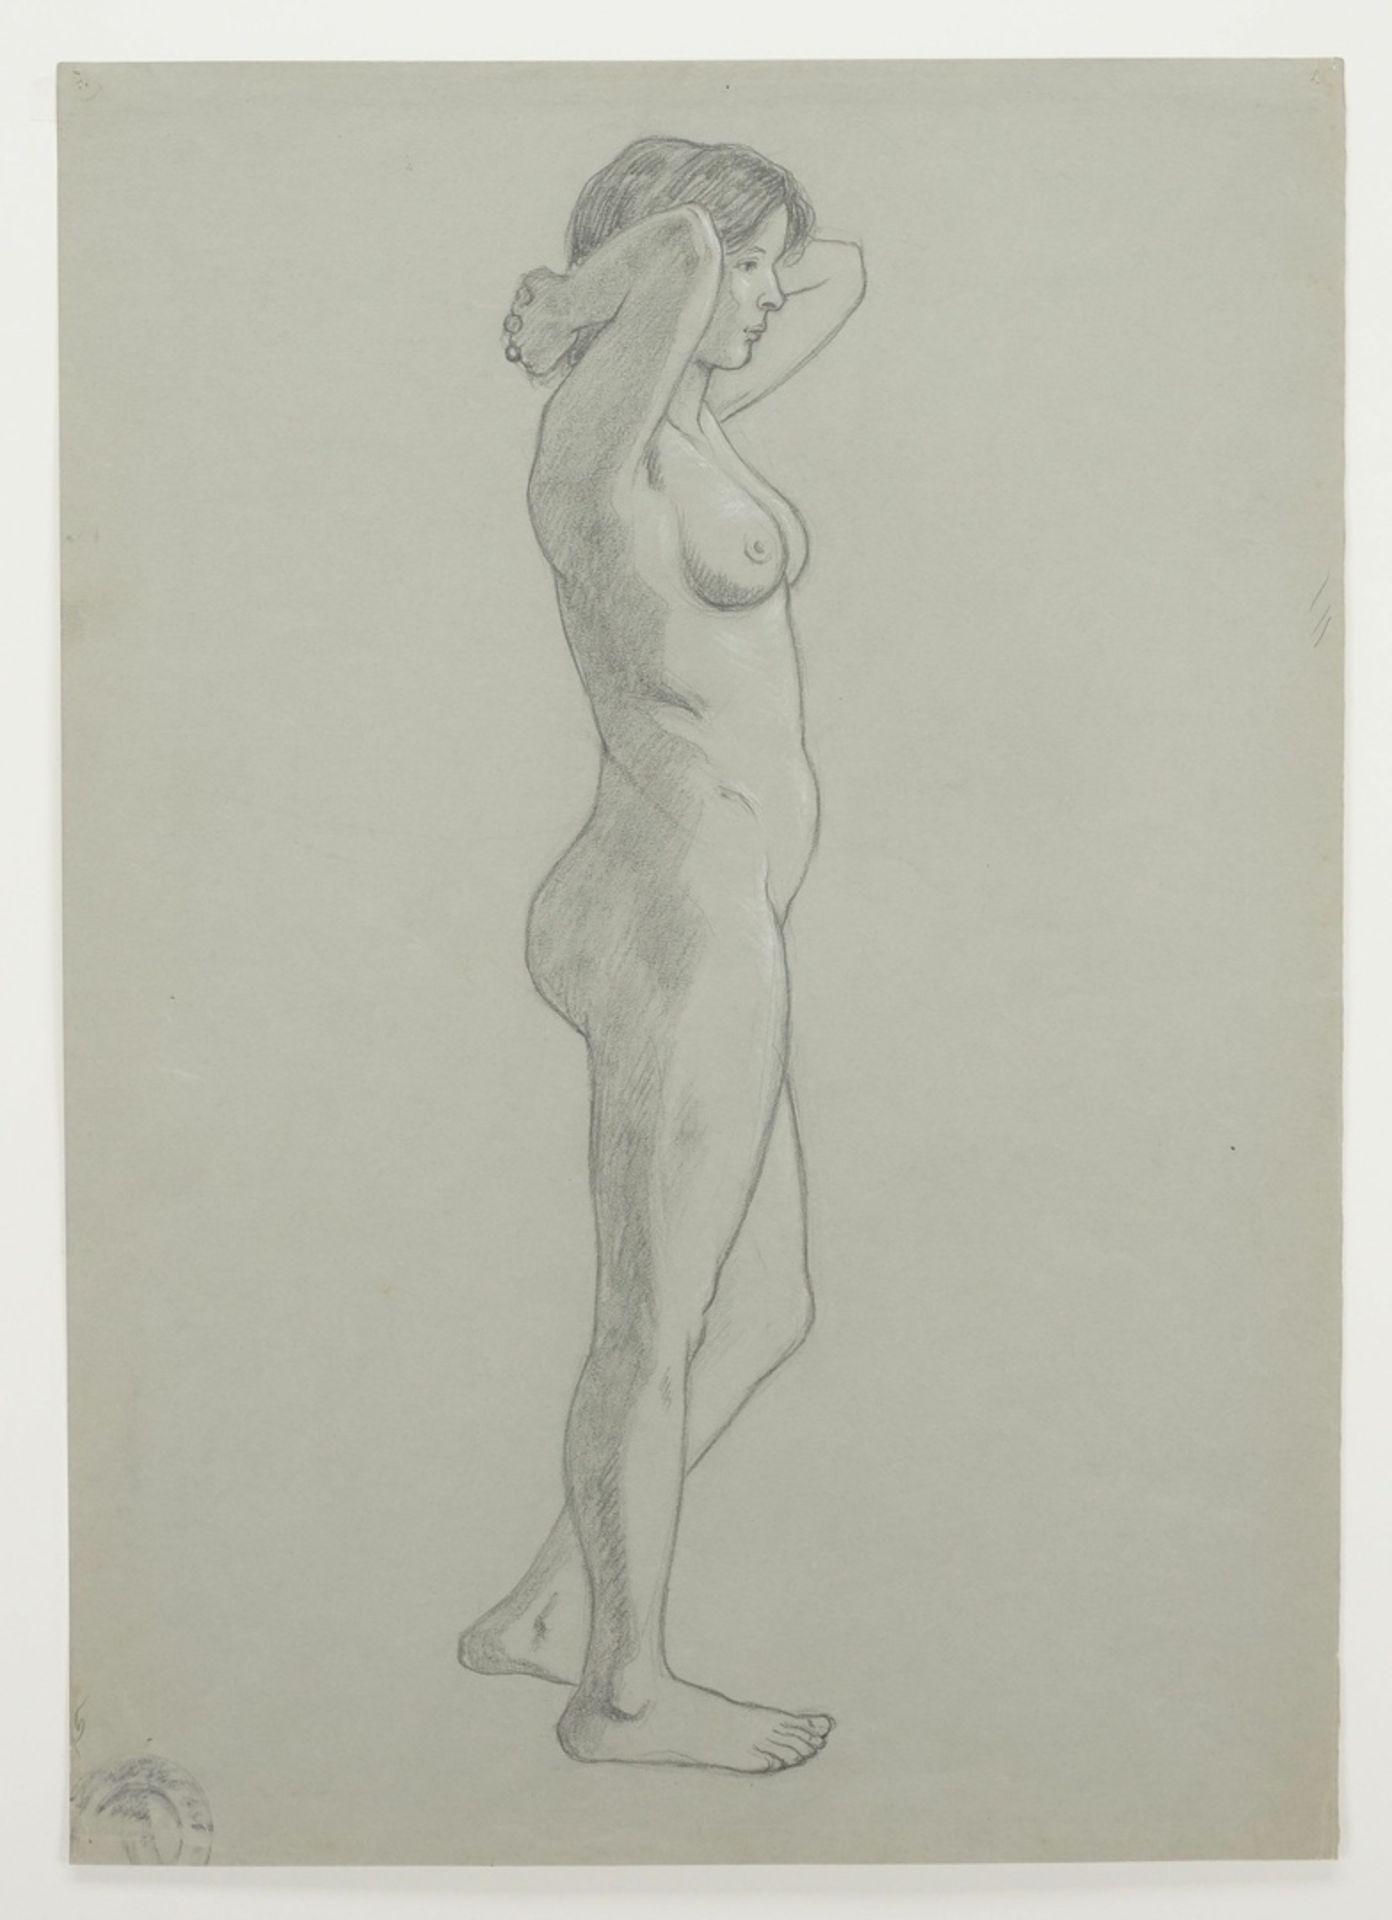 Unbekannter akademischer Künstler, Zwei weibliche Akt-Darstellungen - Bild 3 aus 3